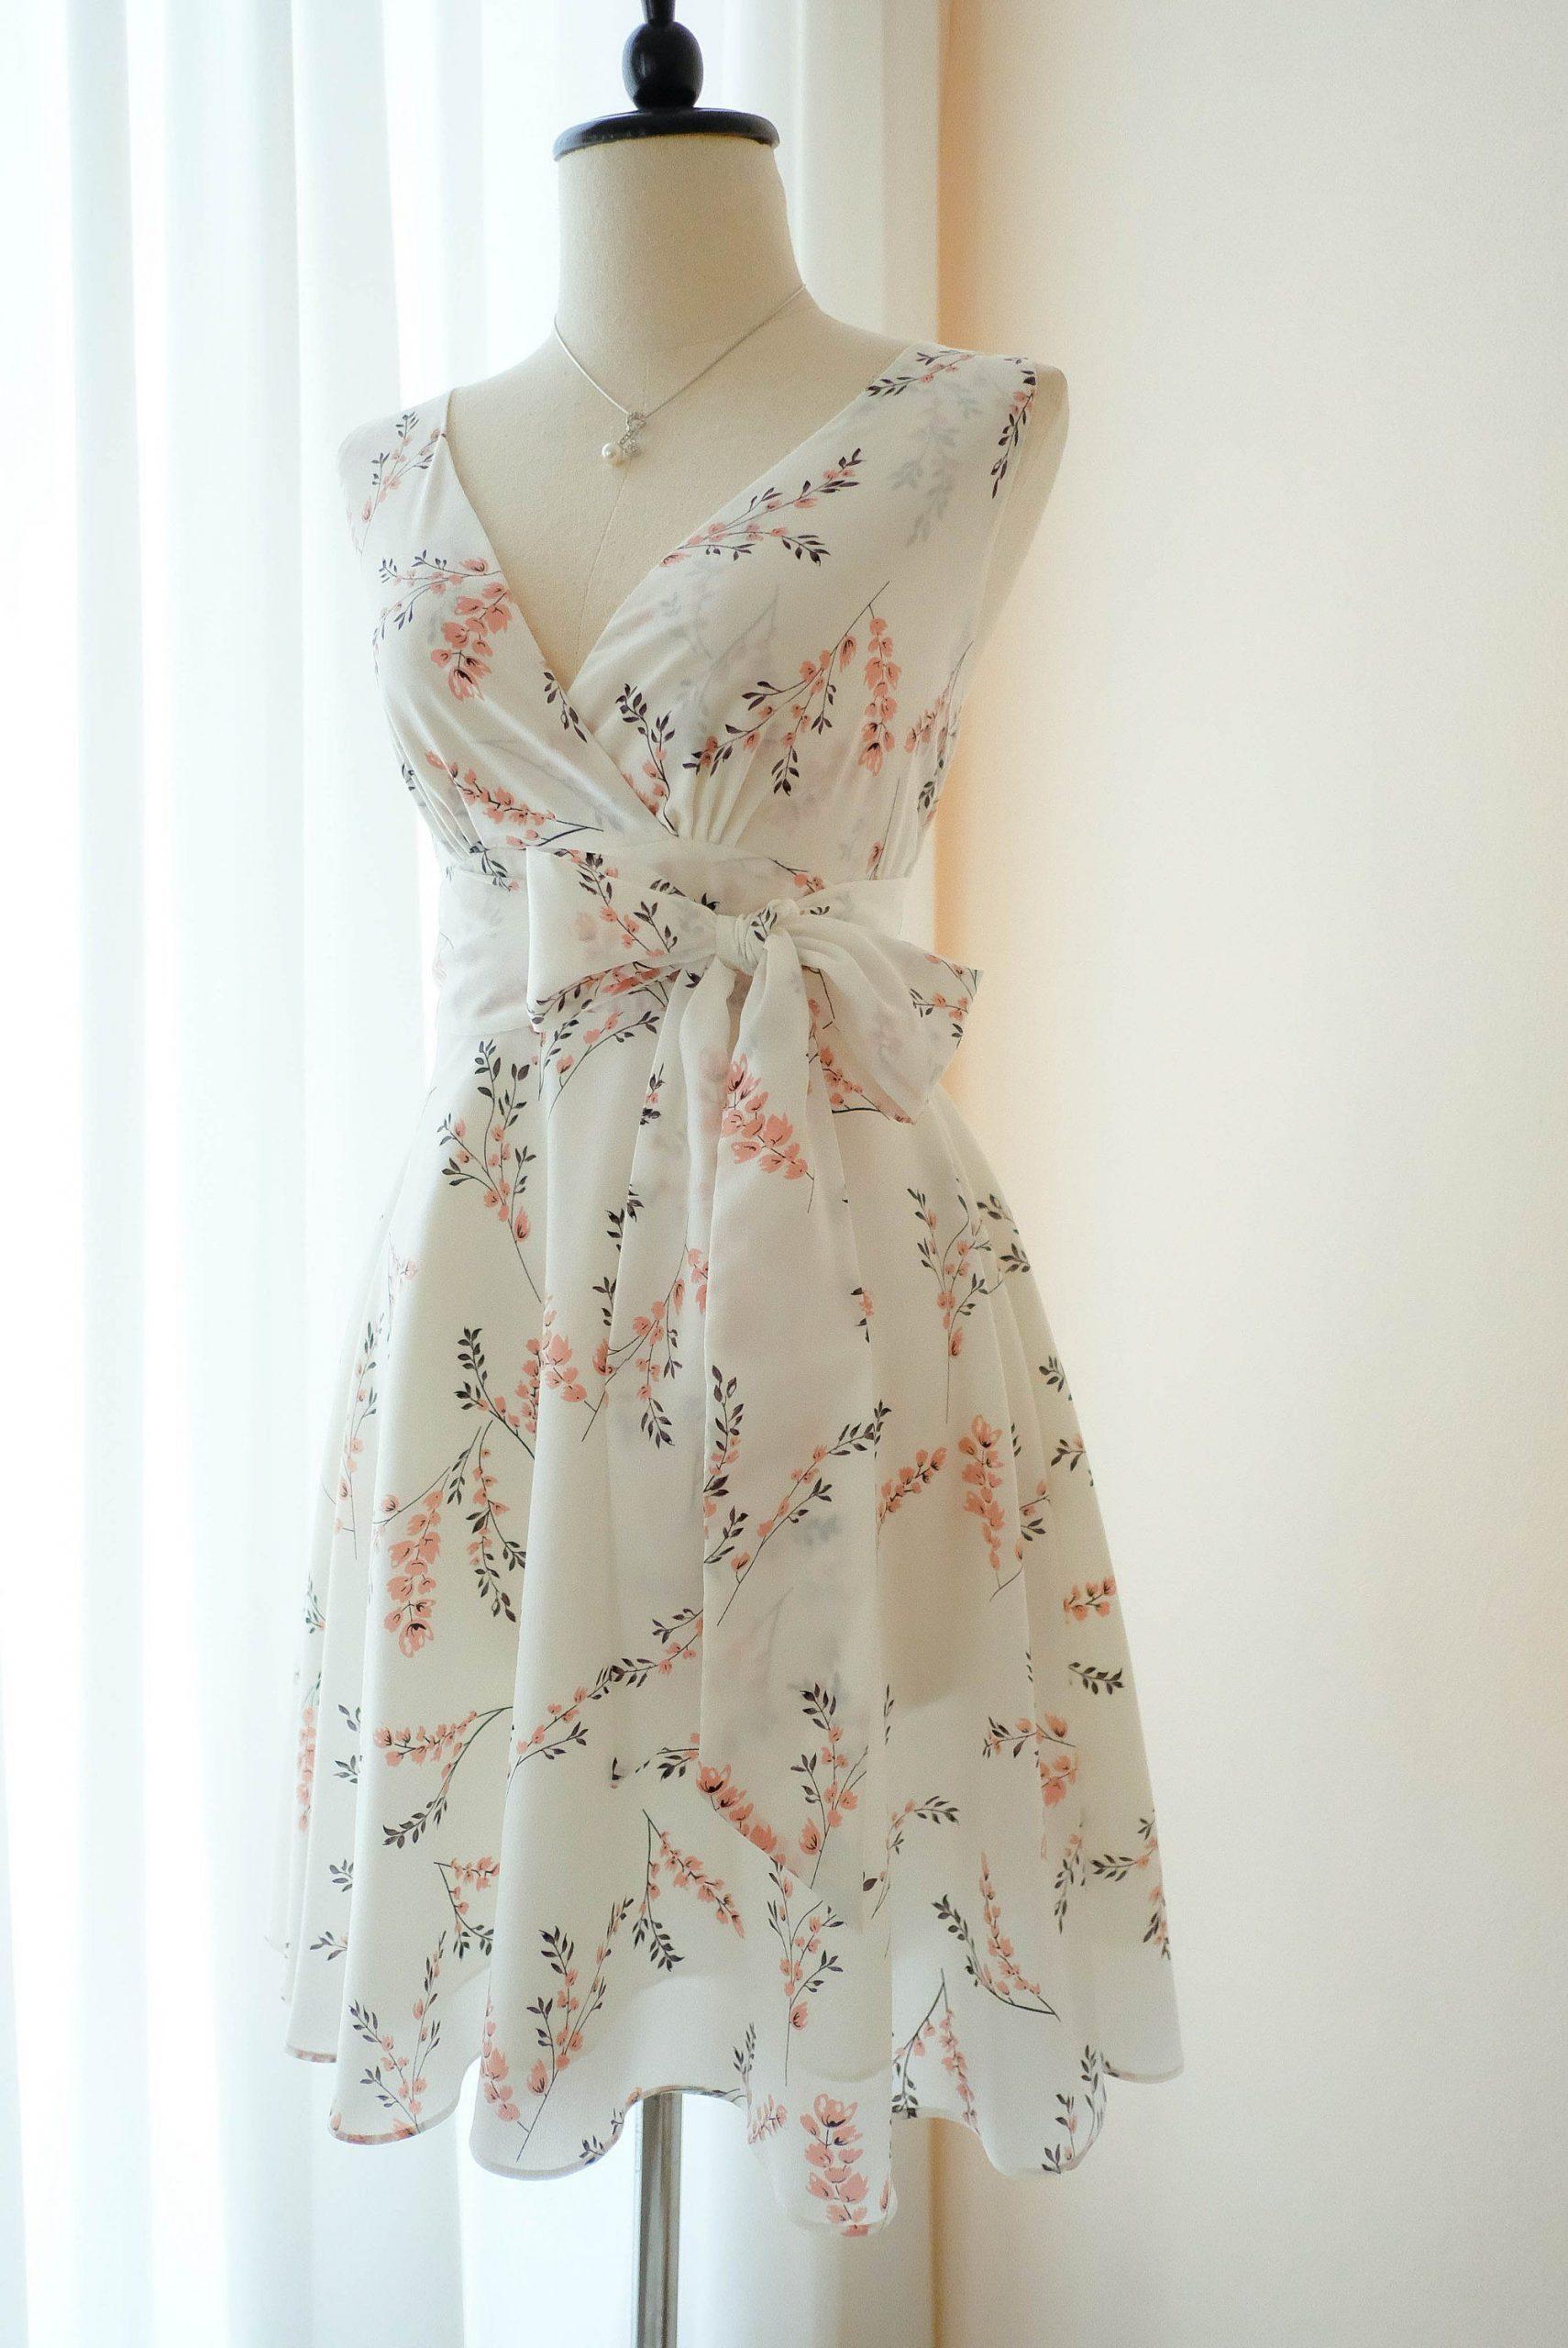 15 Schön Kleid Weiß Blumen Bester PreisAbend Schön Kleid Weiß Blumen Design